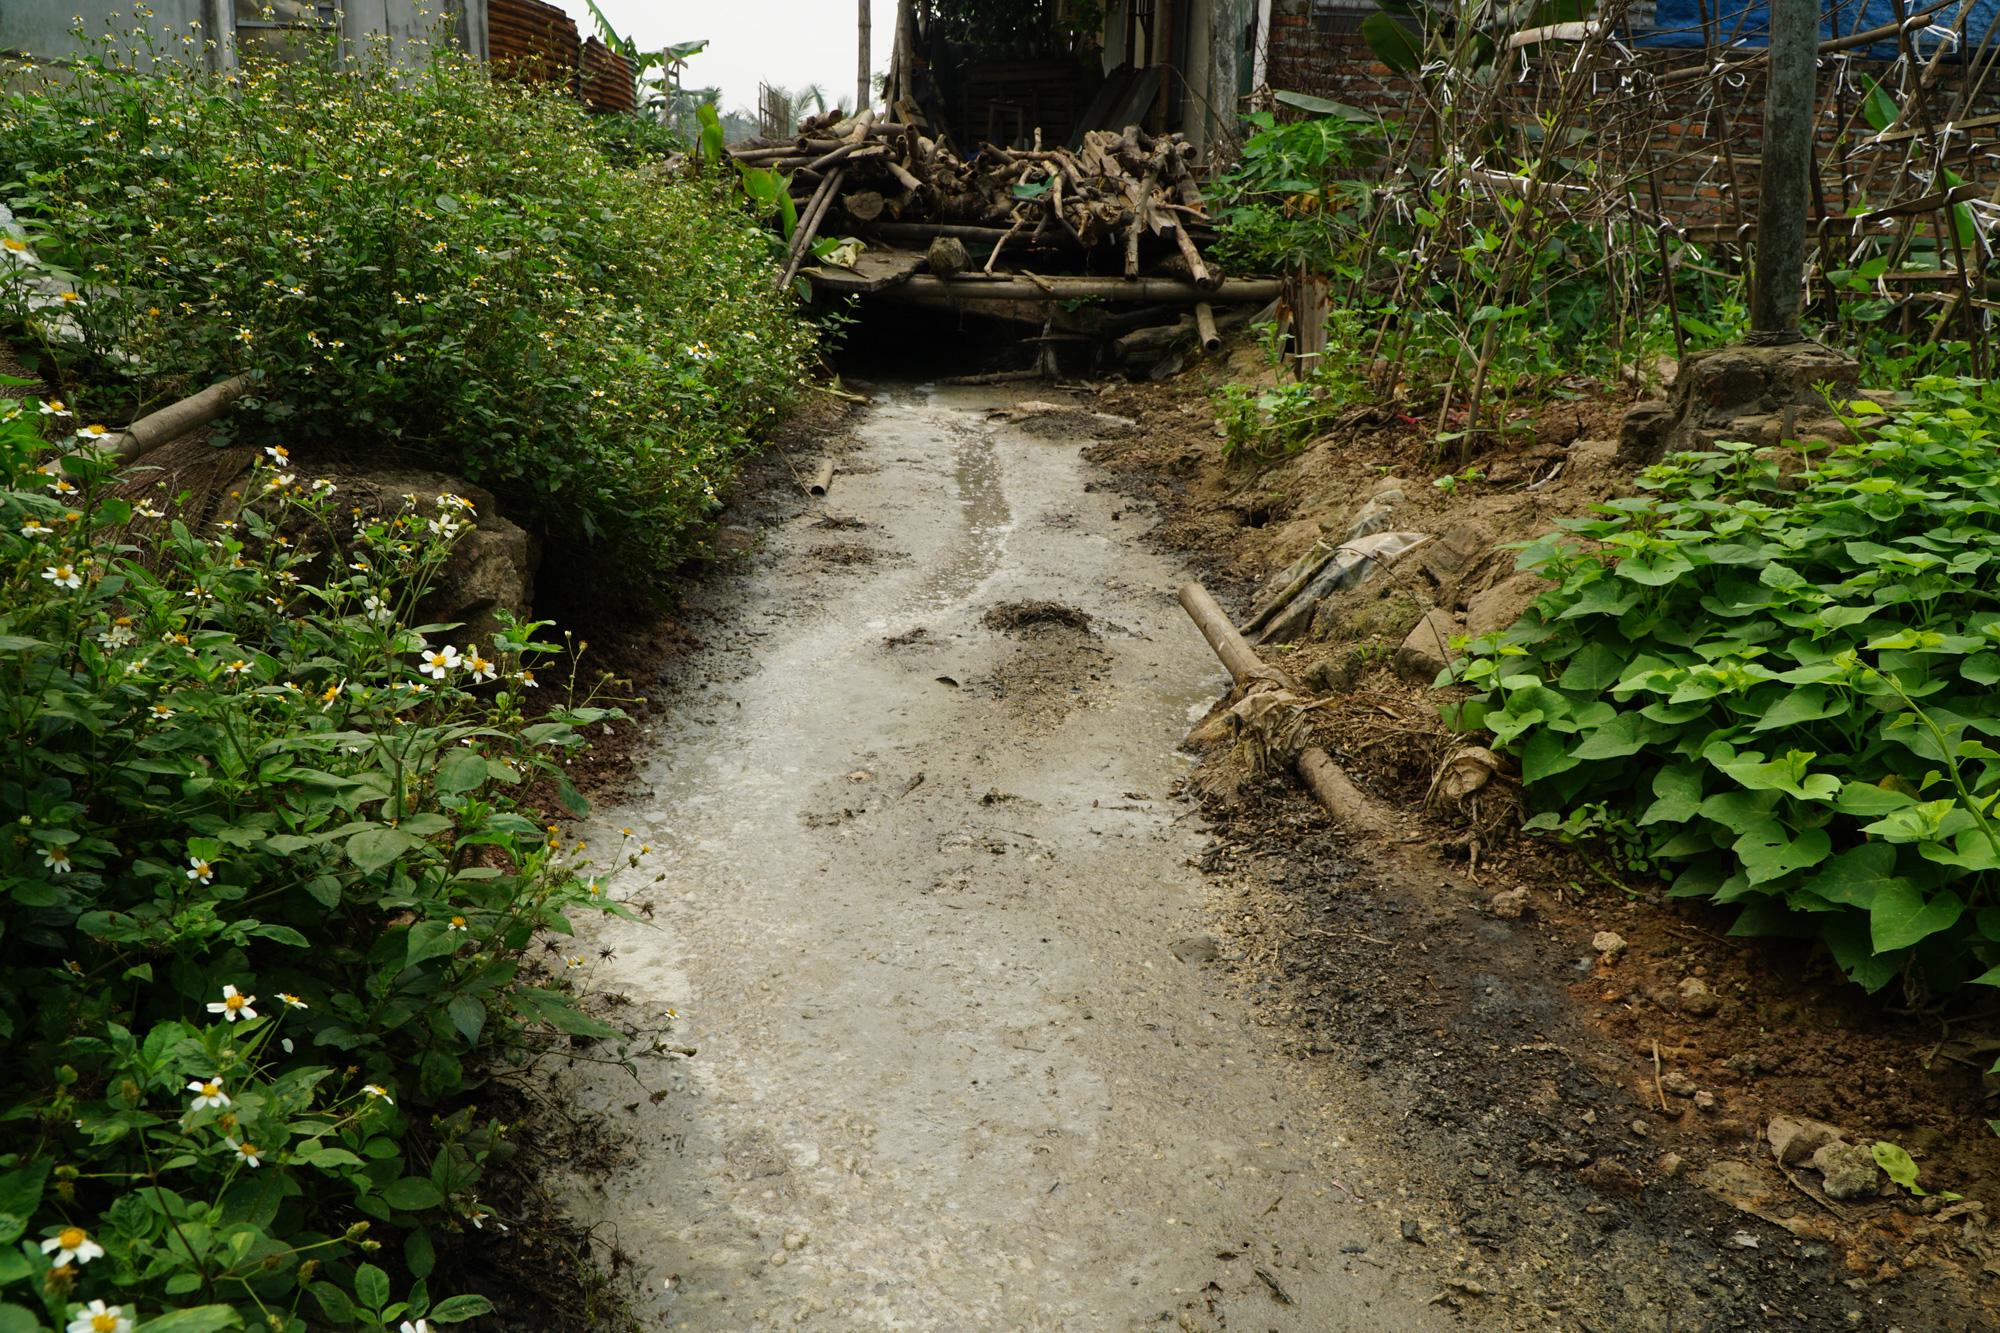 Cận cảnh tình trạng ô nhiễm khủng khiếp tại Hoài Đức, Hà Nội - Ảnh 13.